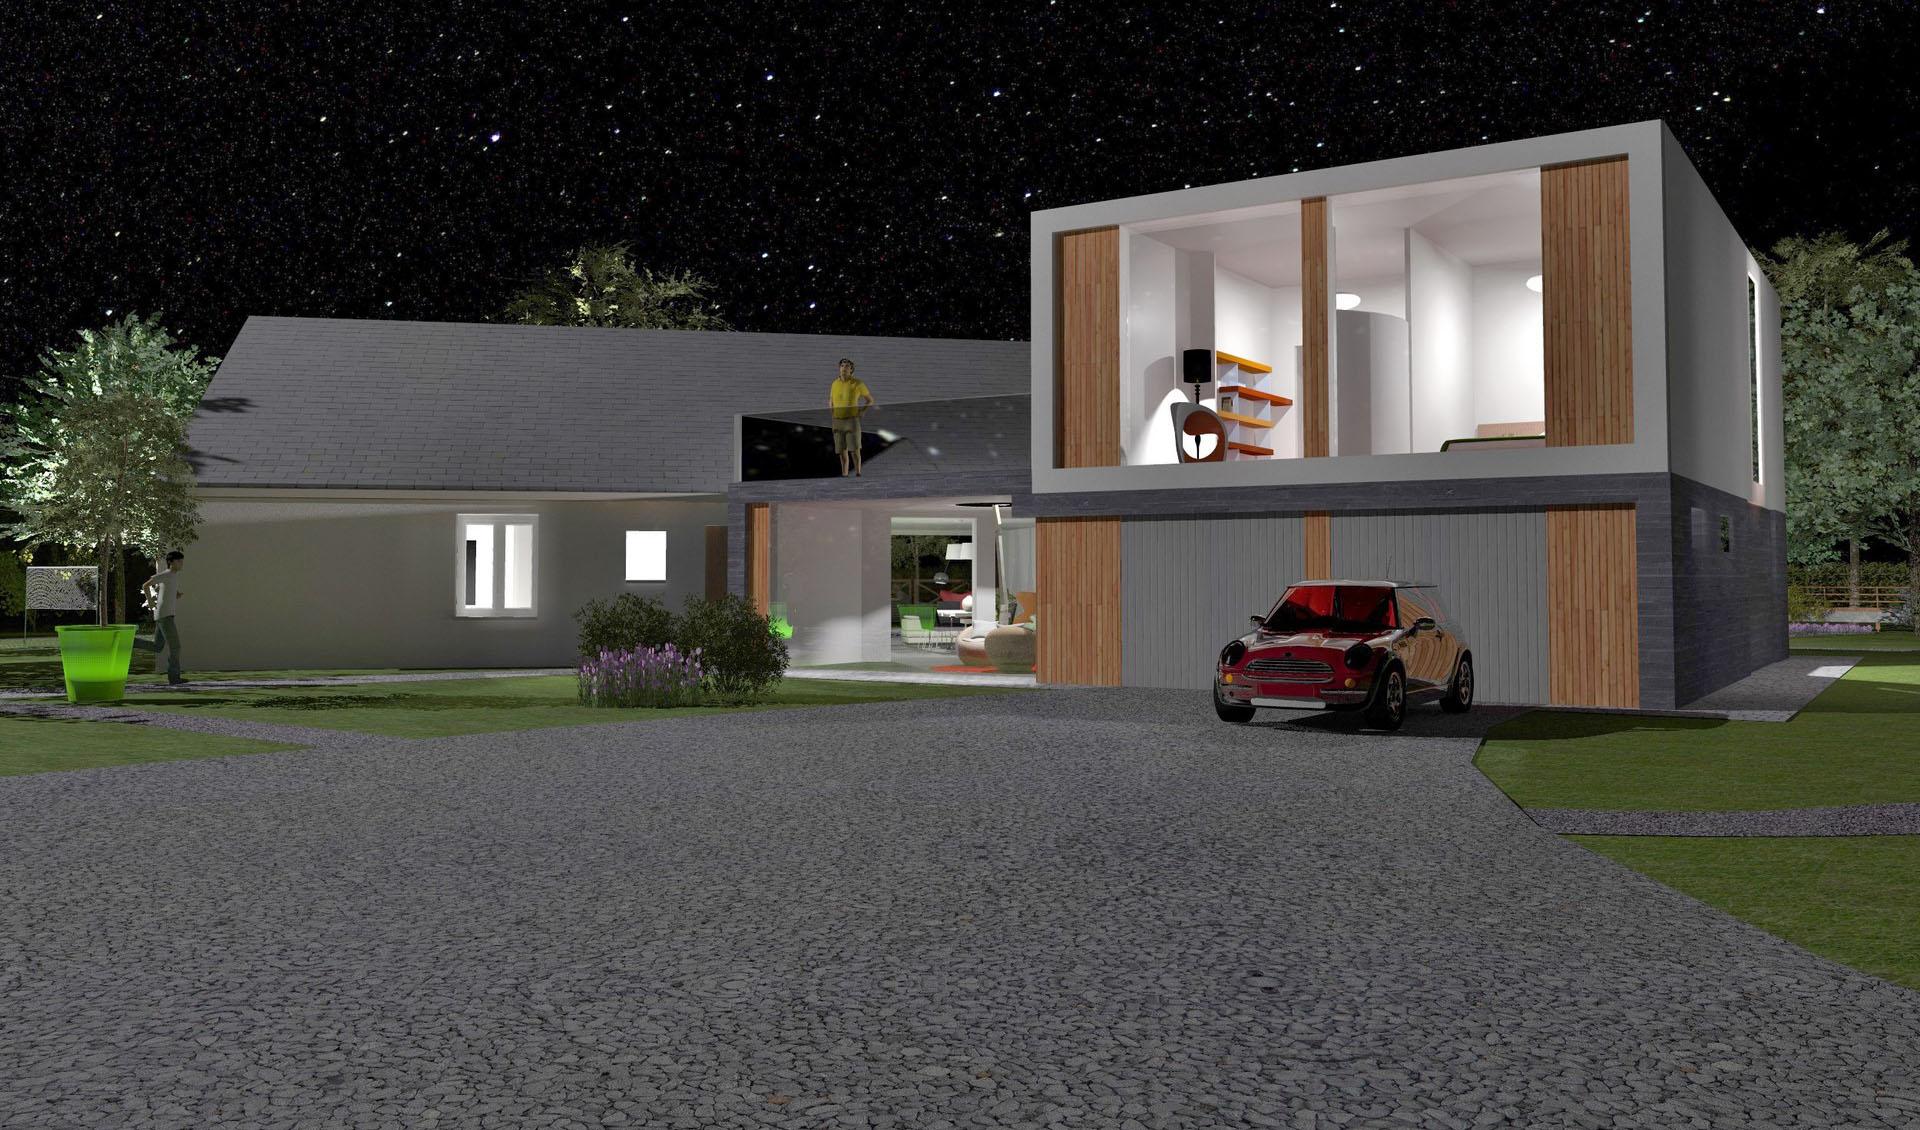 extension contemporain parement pierre bardage bois nuit agence avous